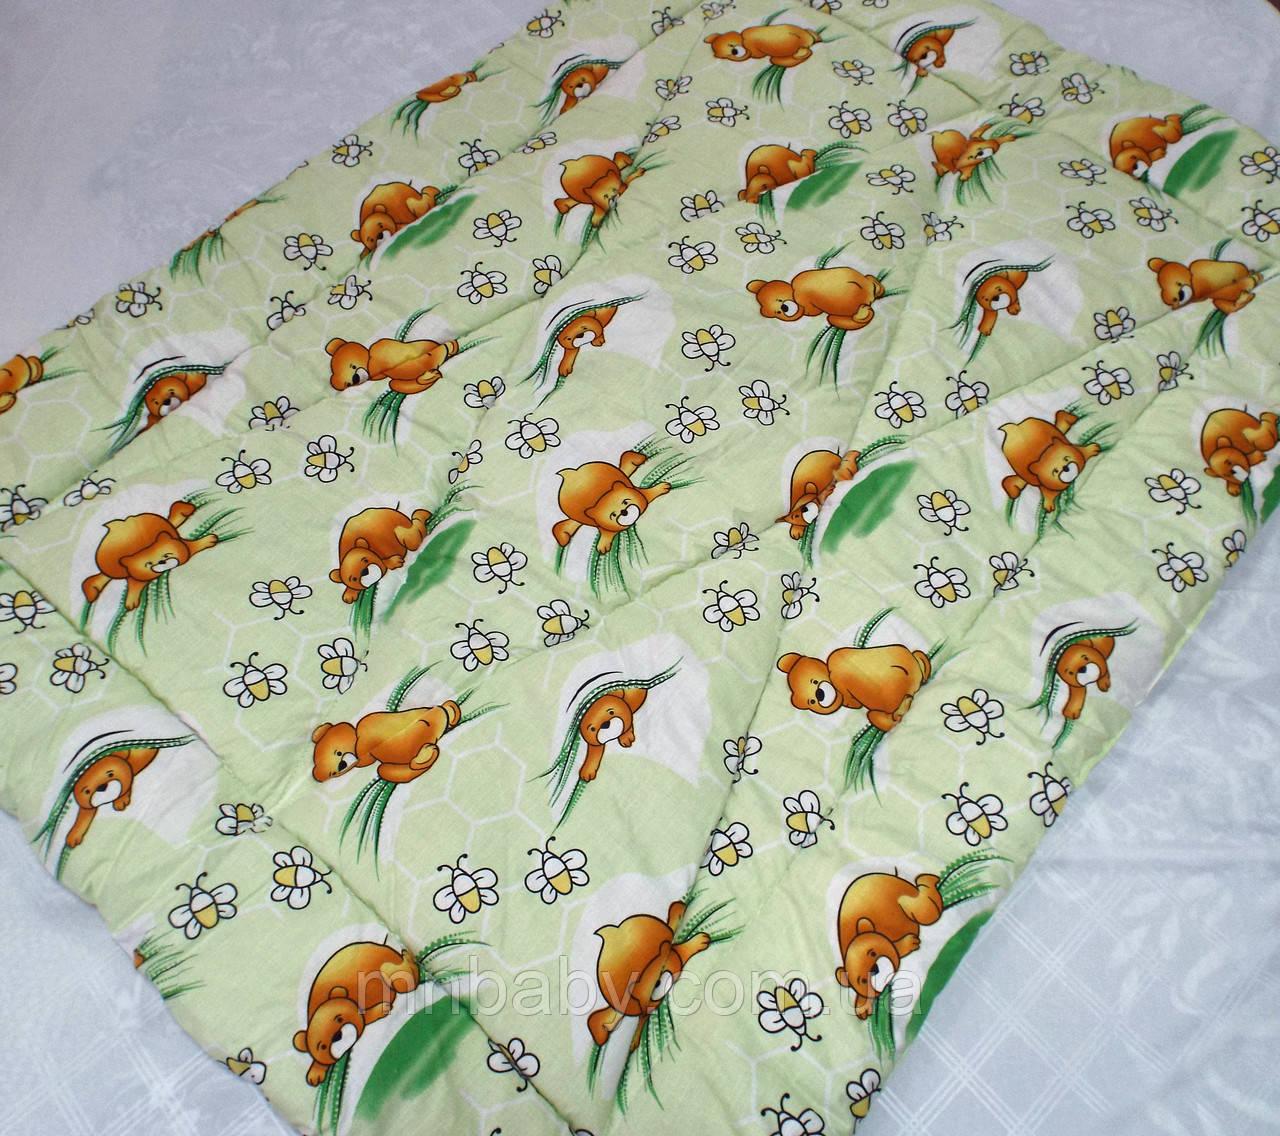 Одеяло из овечьей шерсти демисезонное Мишутка